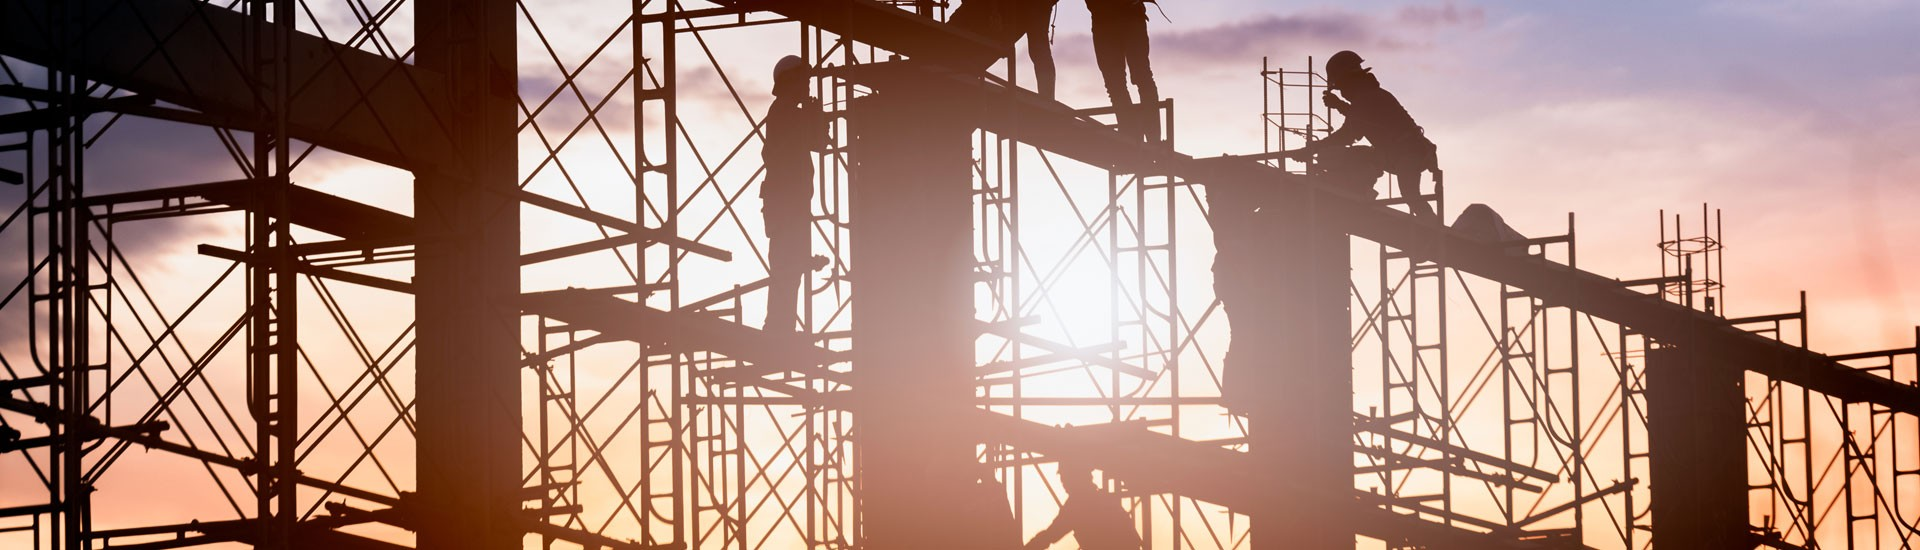 Produkte, Lösungen & Referenzen für den Höhenzugang, Gerüstbau, Arbeitsbühnen, Hebebühnen, Scherenbühnen...